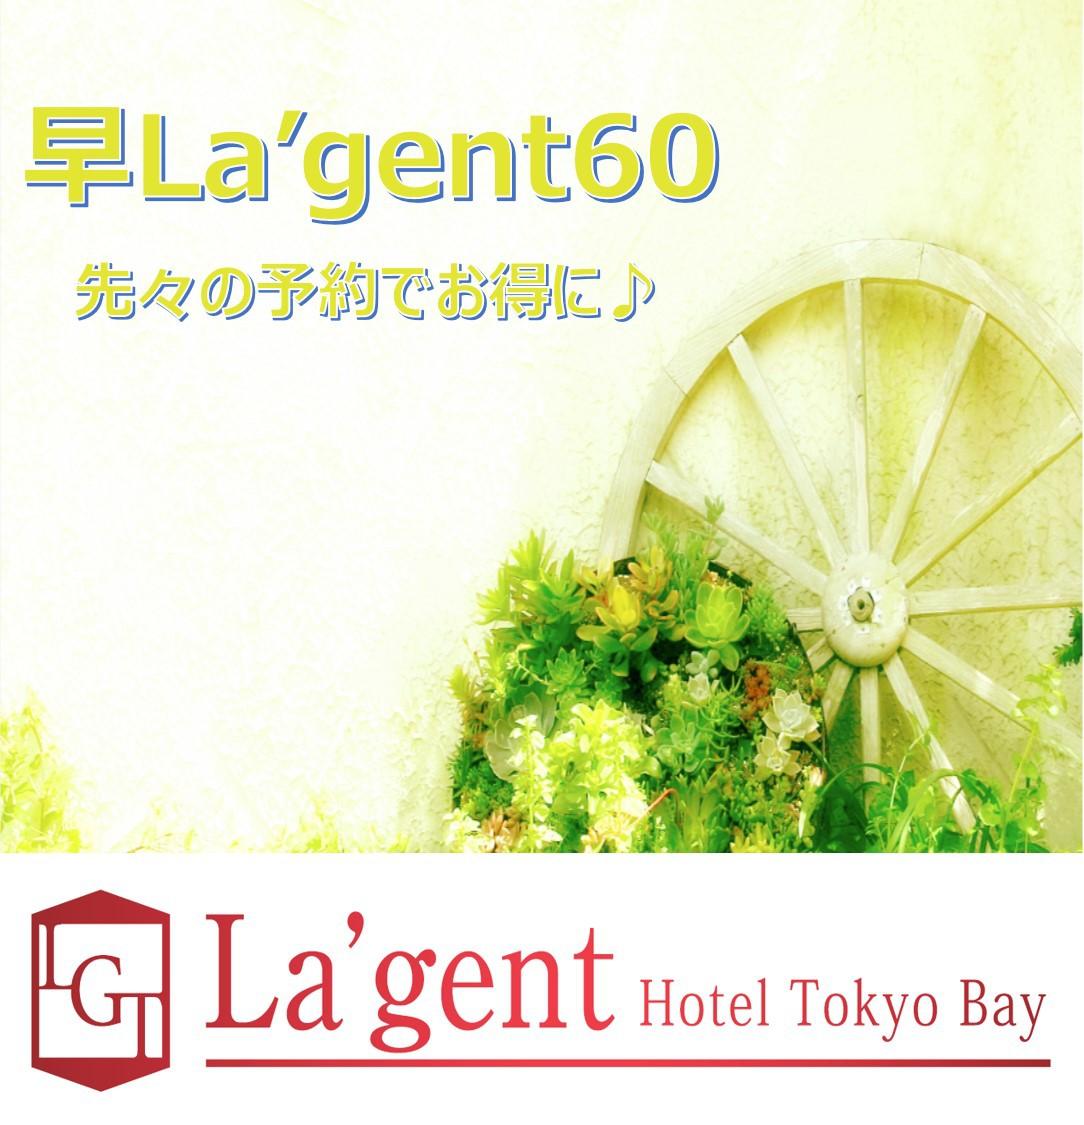 ラ・ジェント・ホテル東京ベイ 関連画像 13枚目 楽天トラベル提供